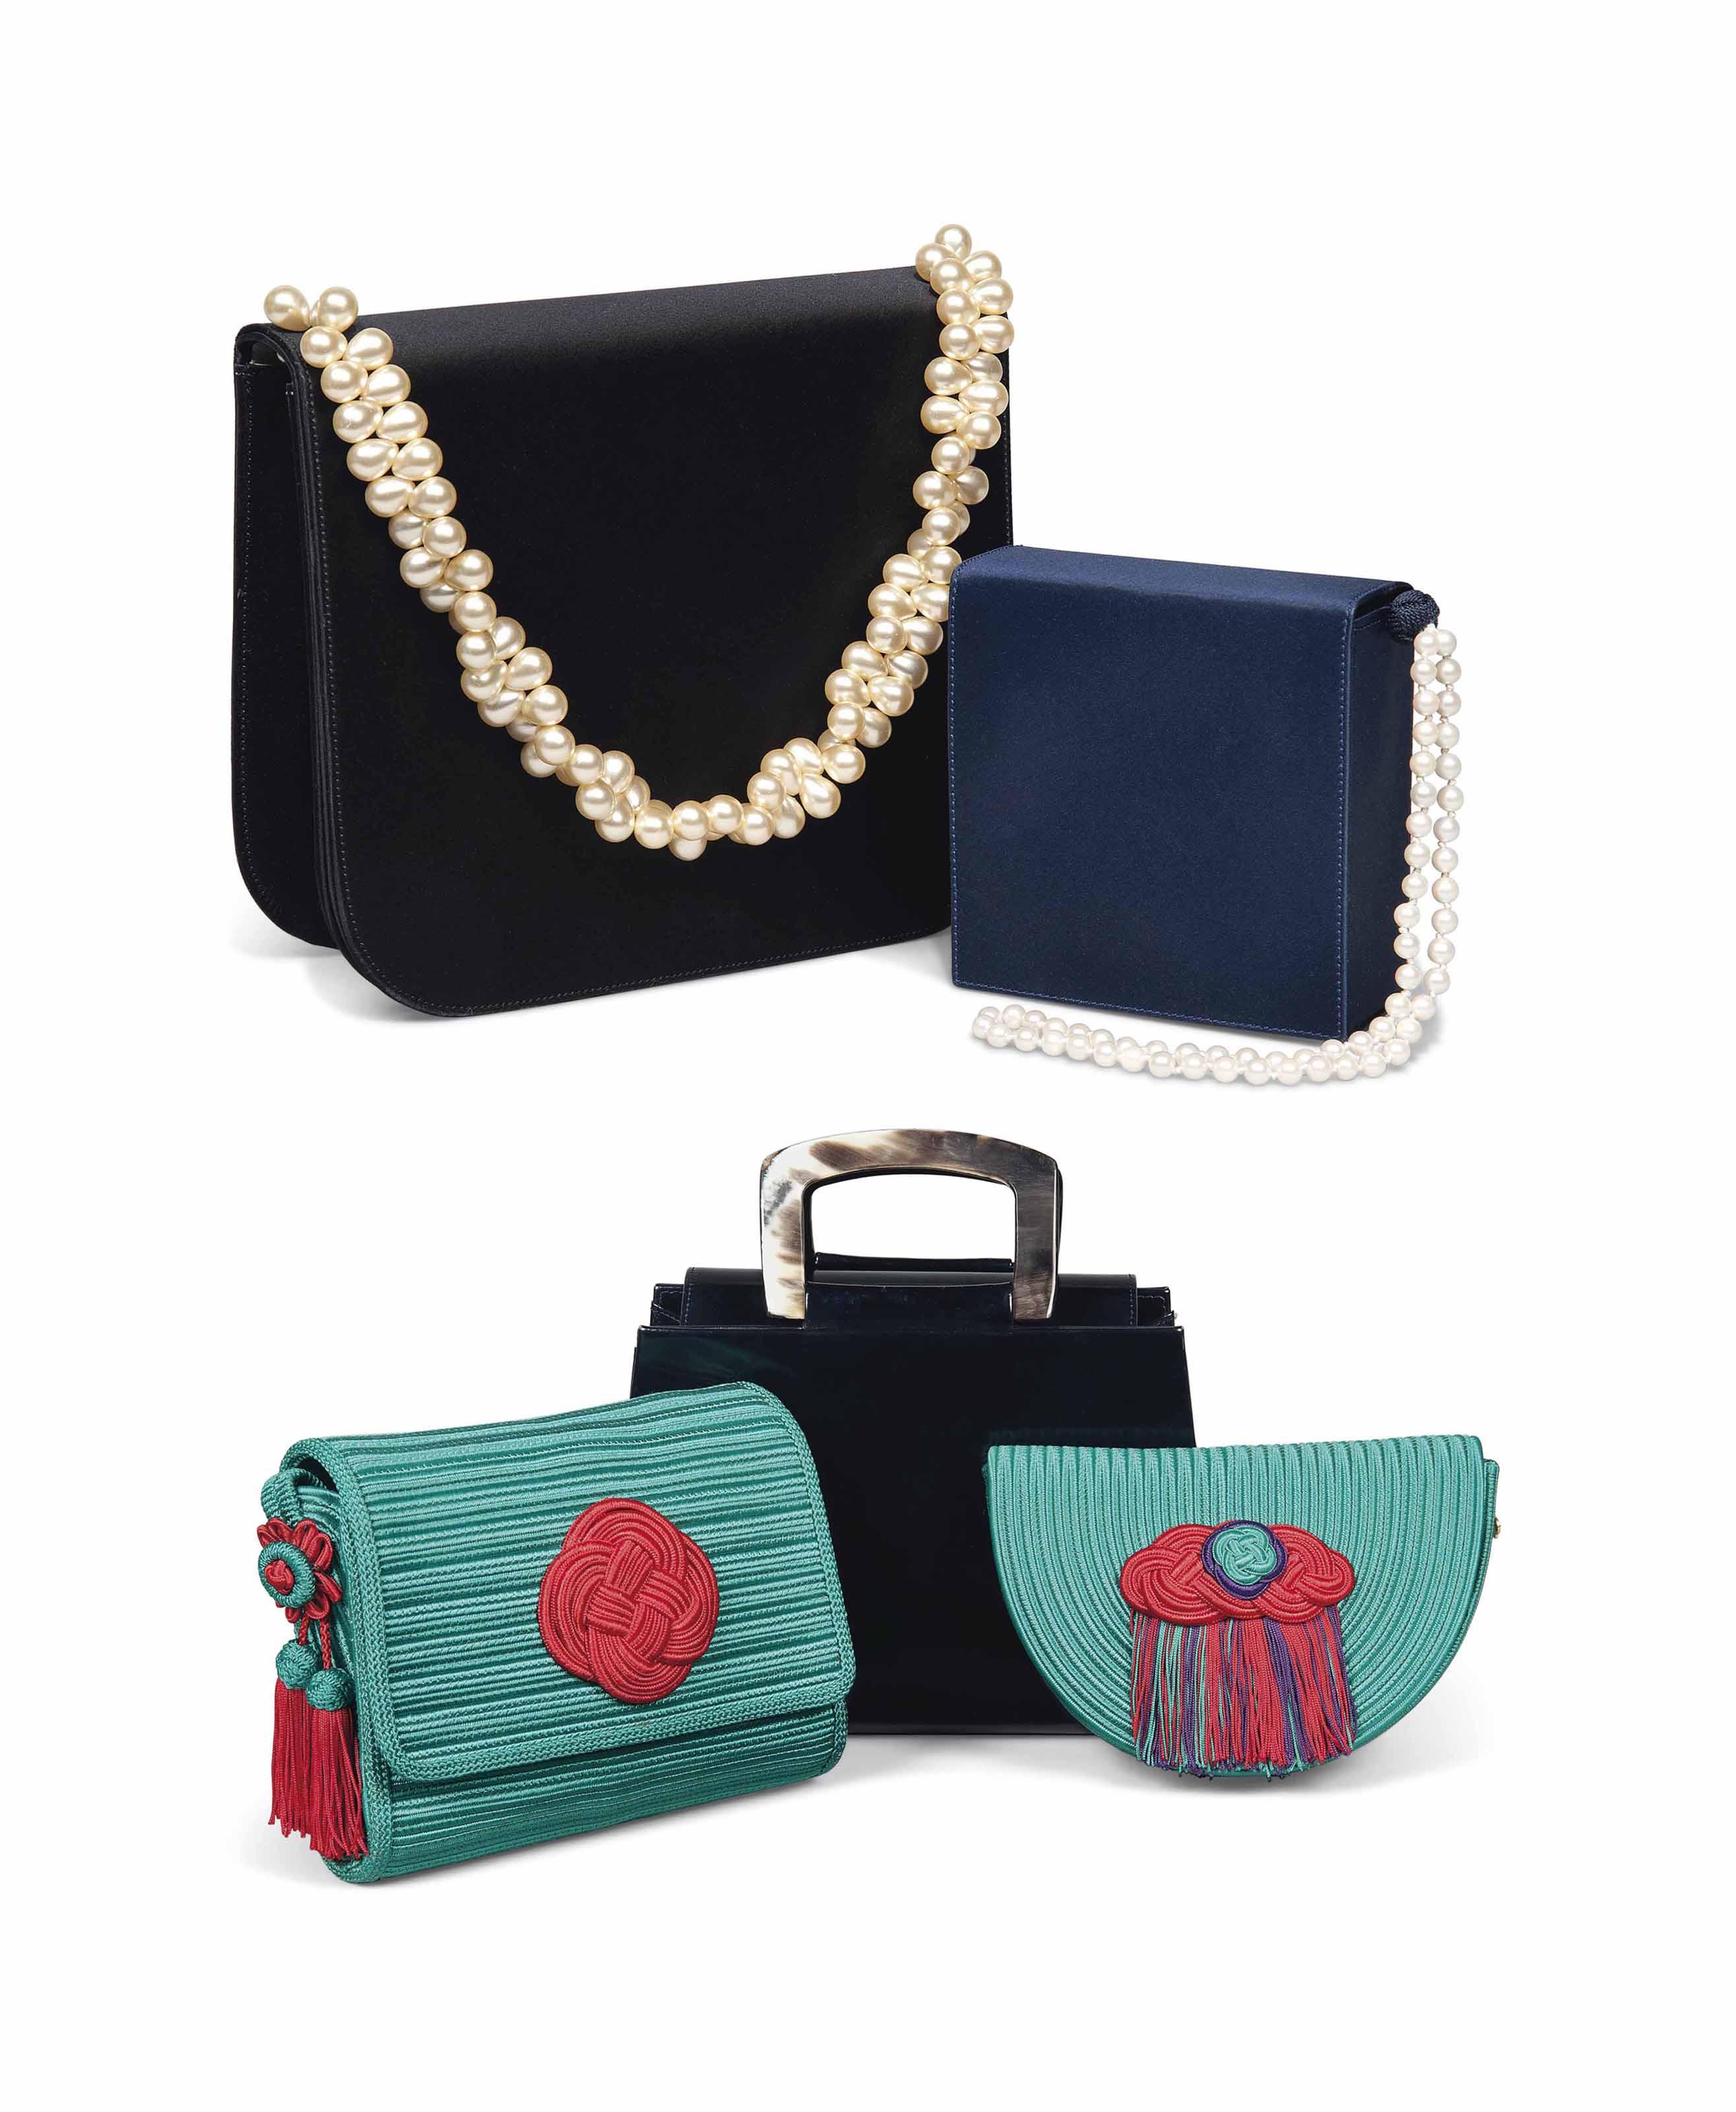 73e11b4d04ed Red Handbags 2017 – Hanna Oaks